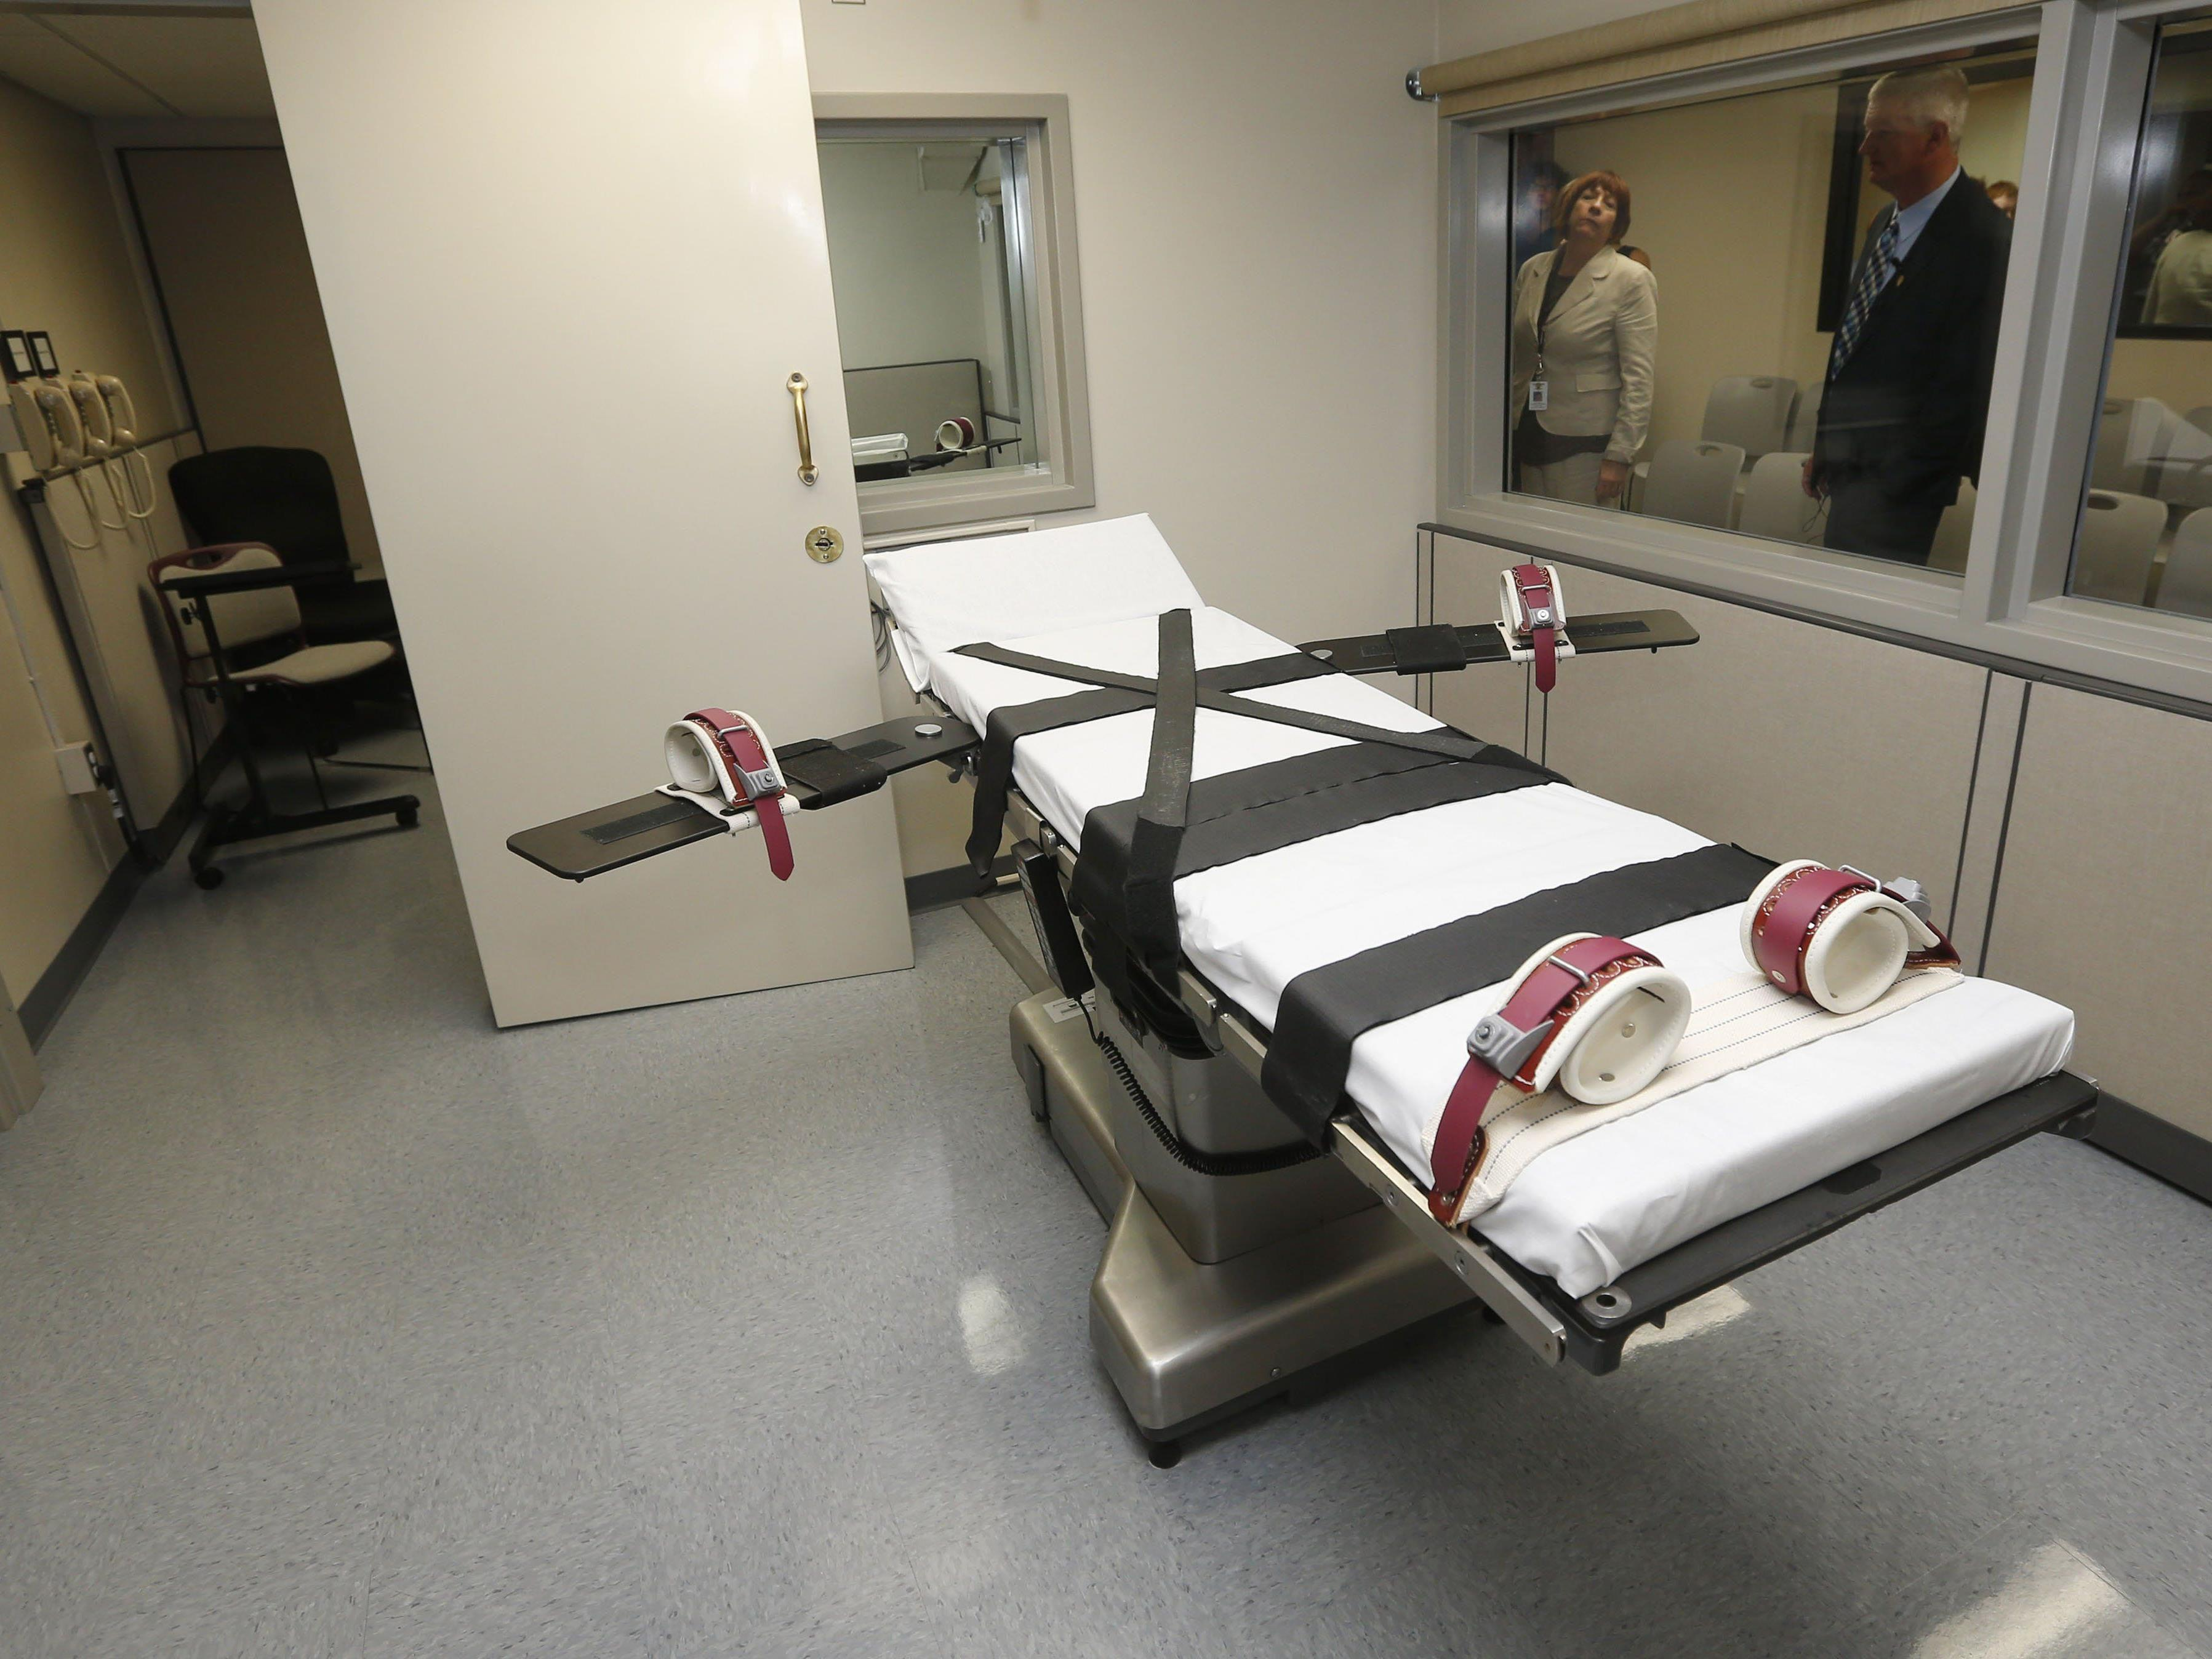 Nach fast 30 Jahren wurde ein Mann aus der Todeszelle entlassen